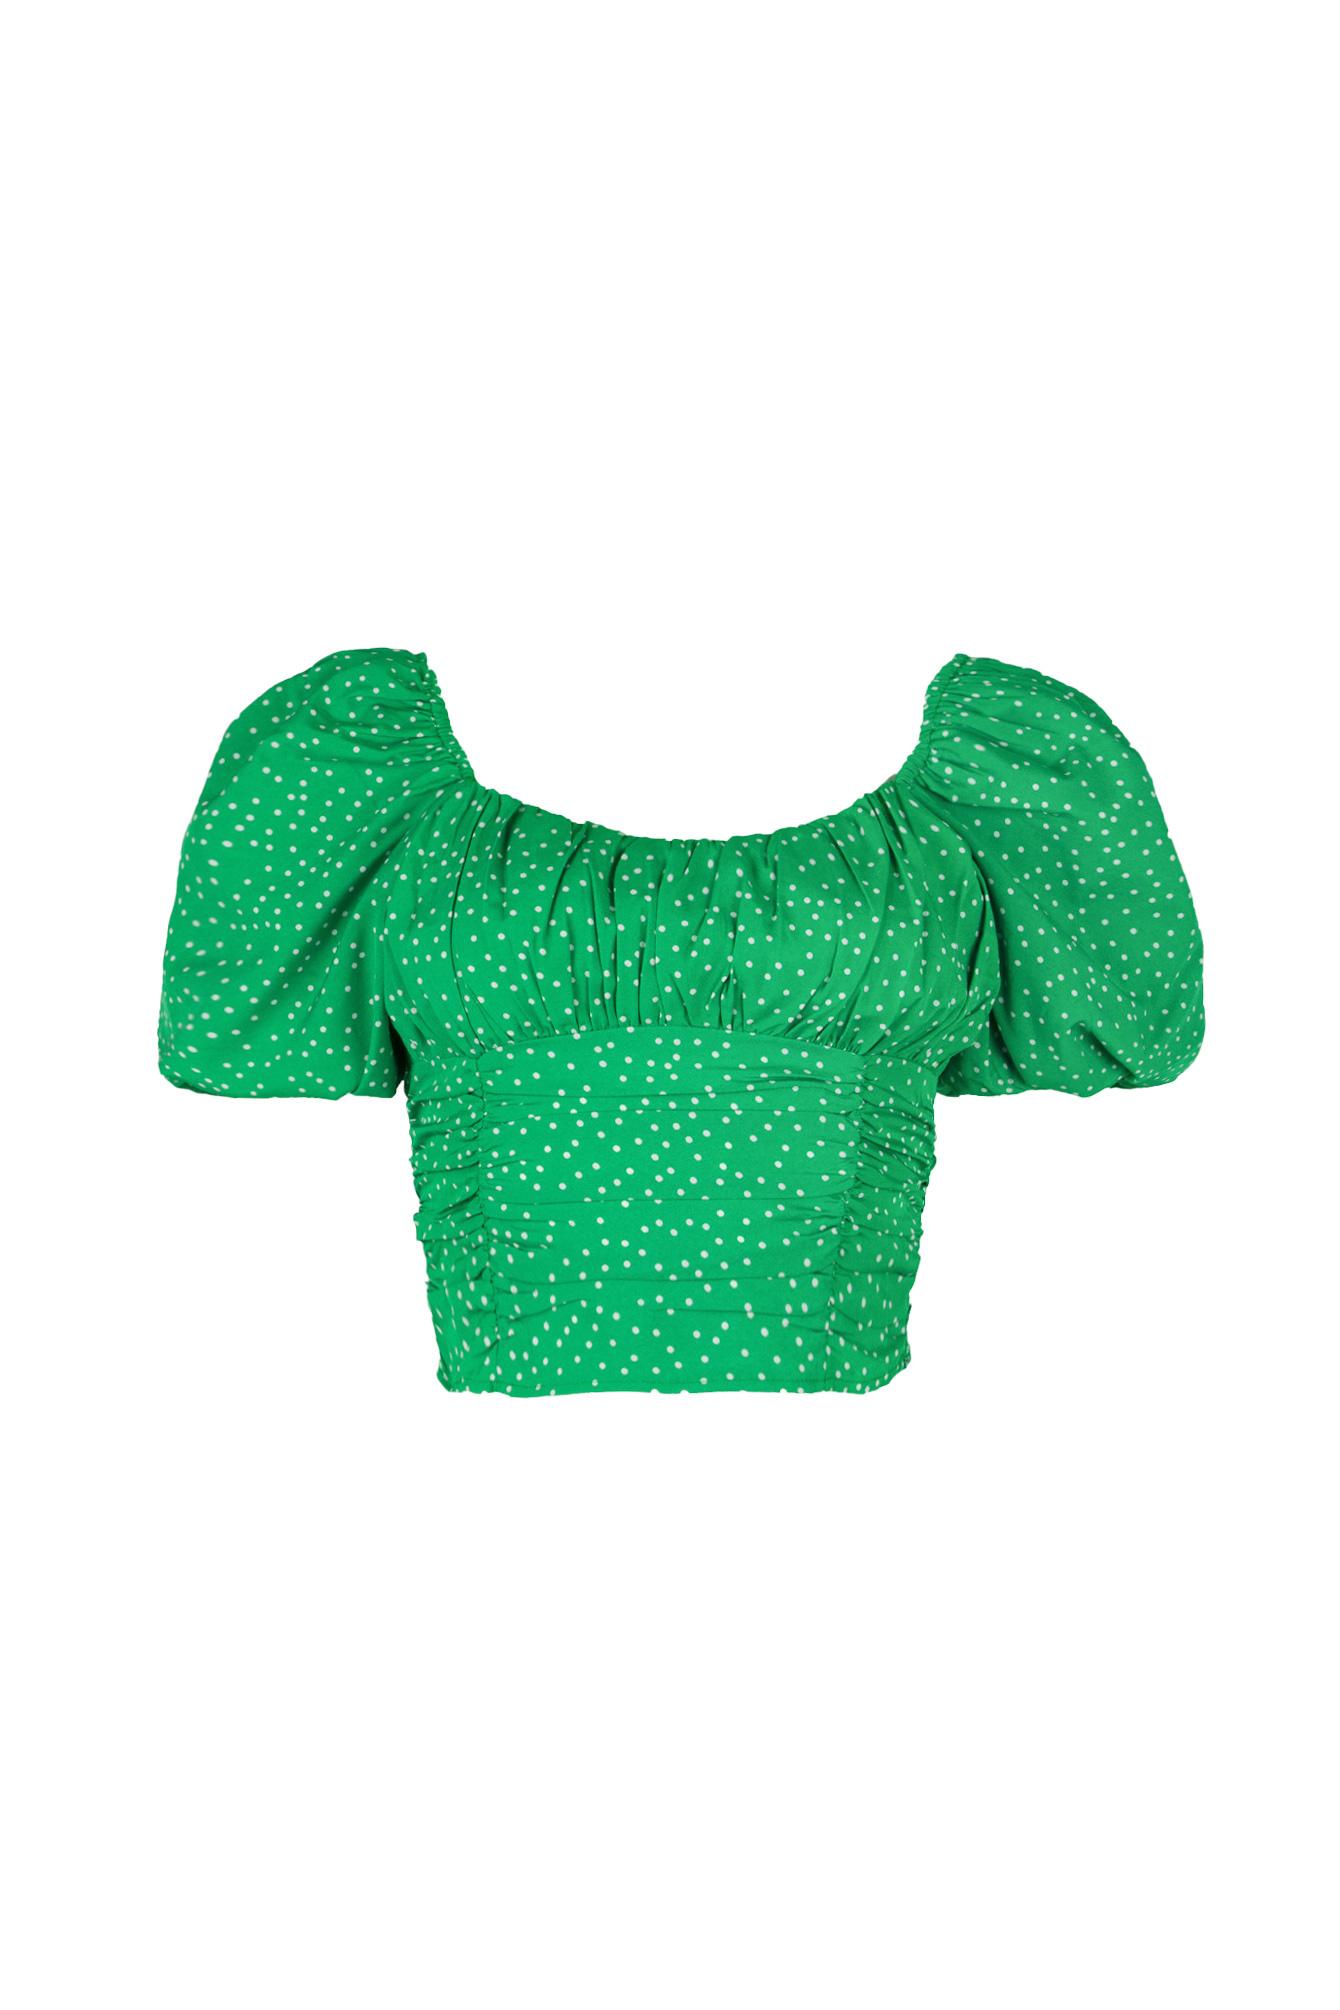 Top Britt groen